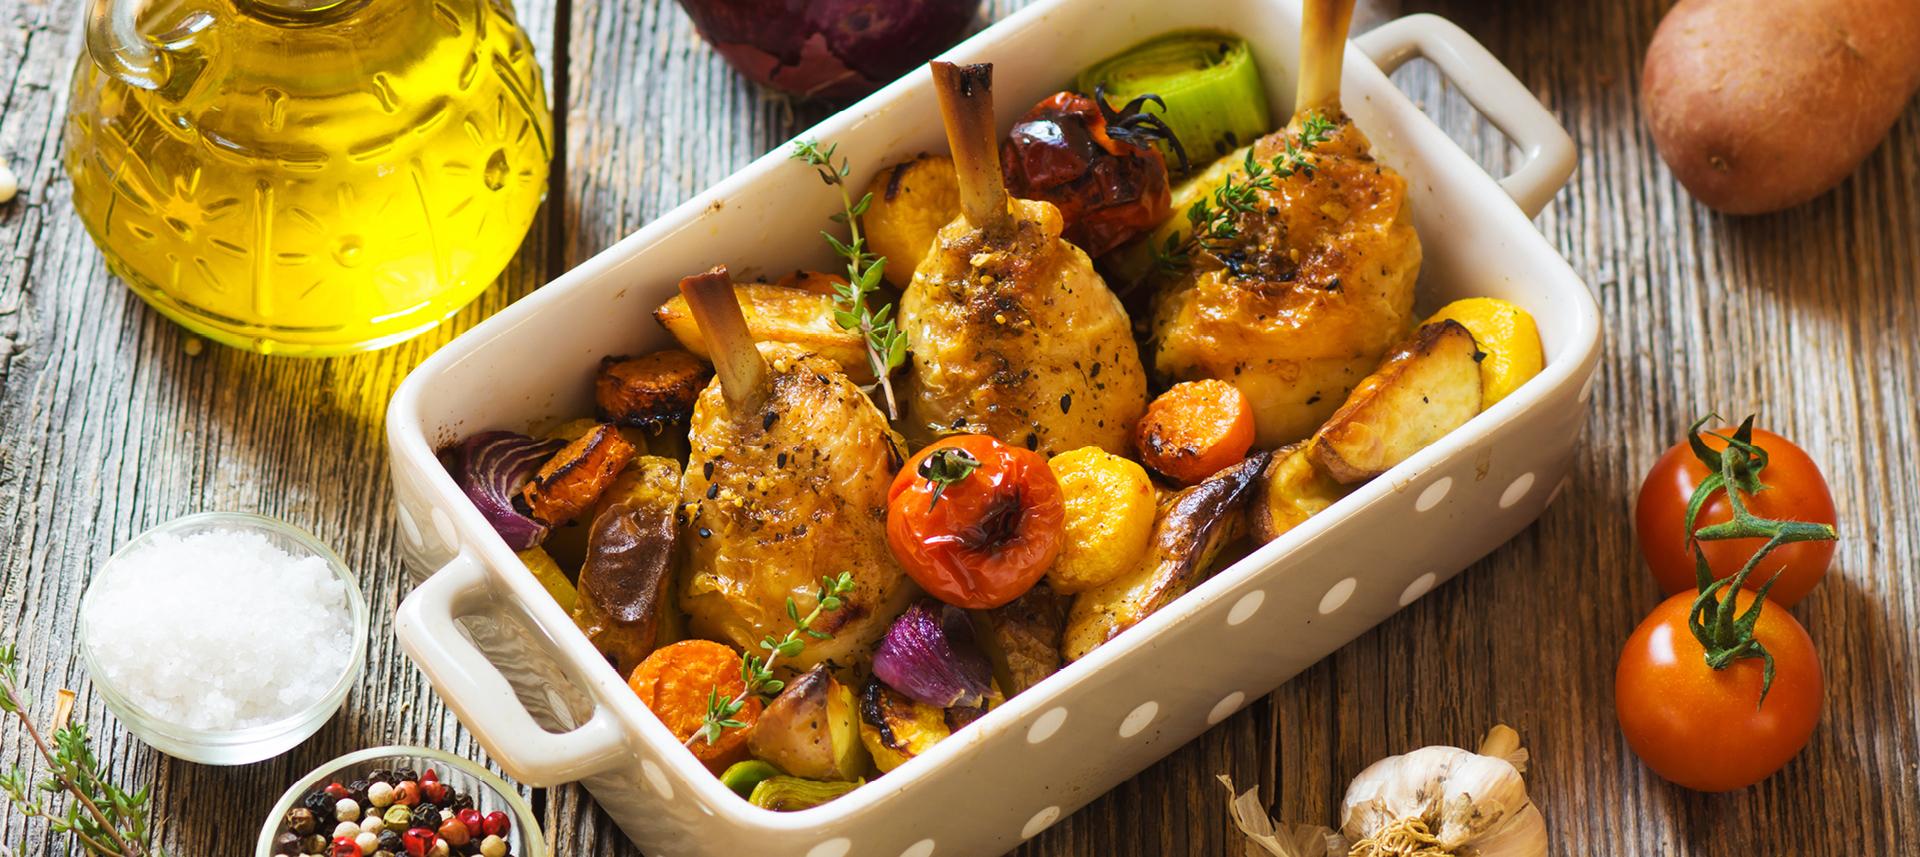 Hrskavo pečena piletina s povrćem.jpg